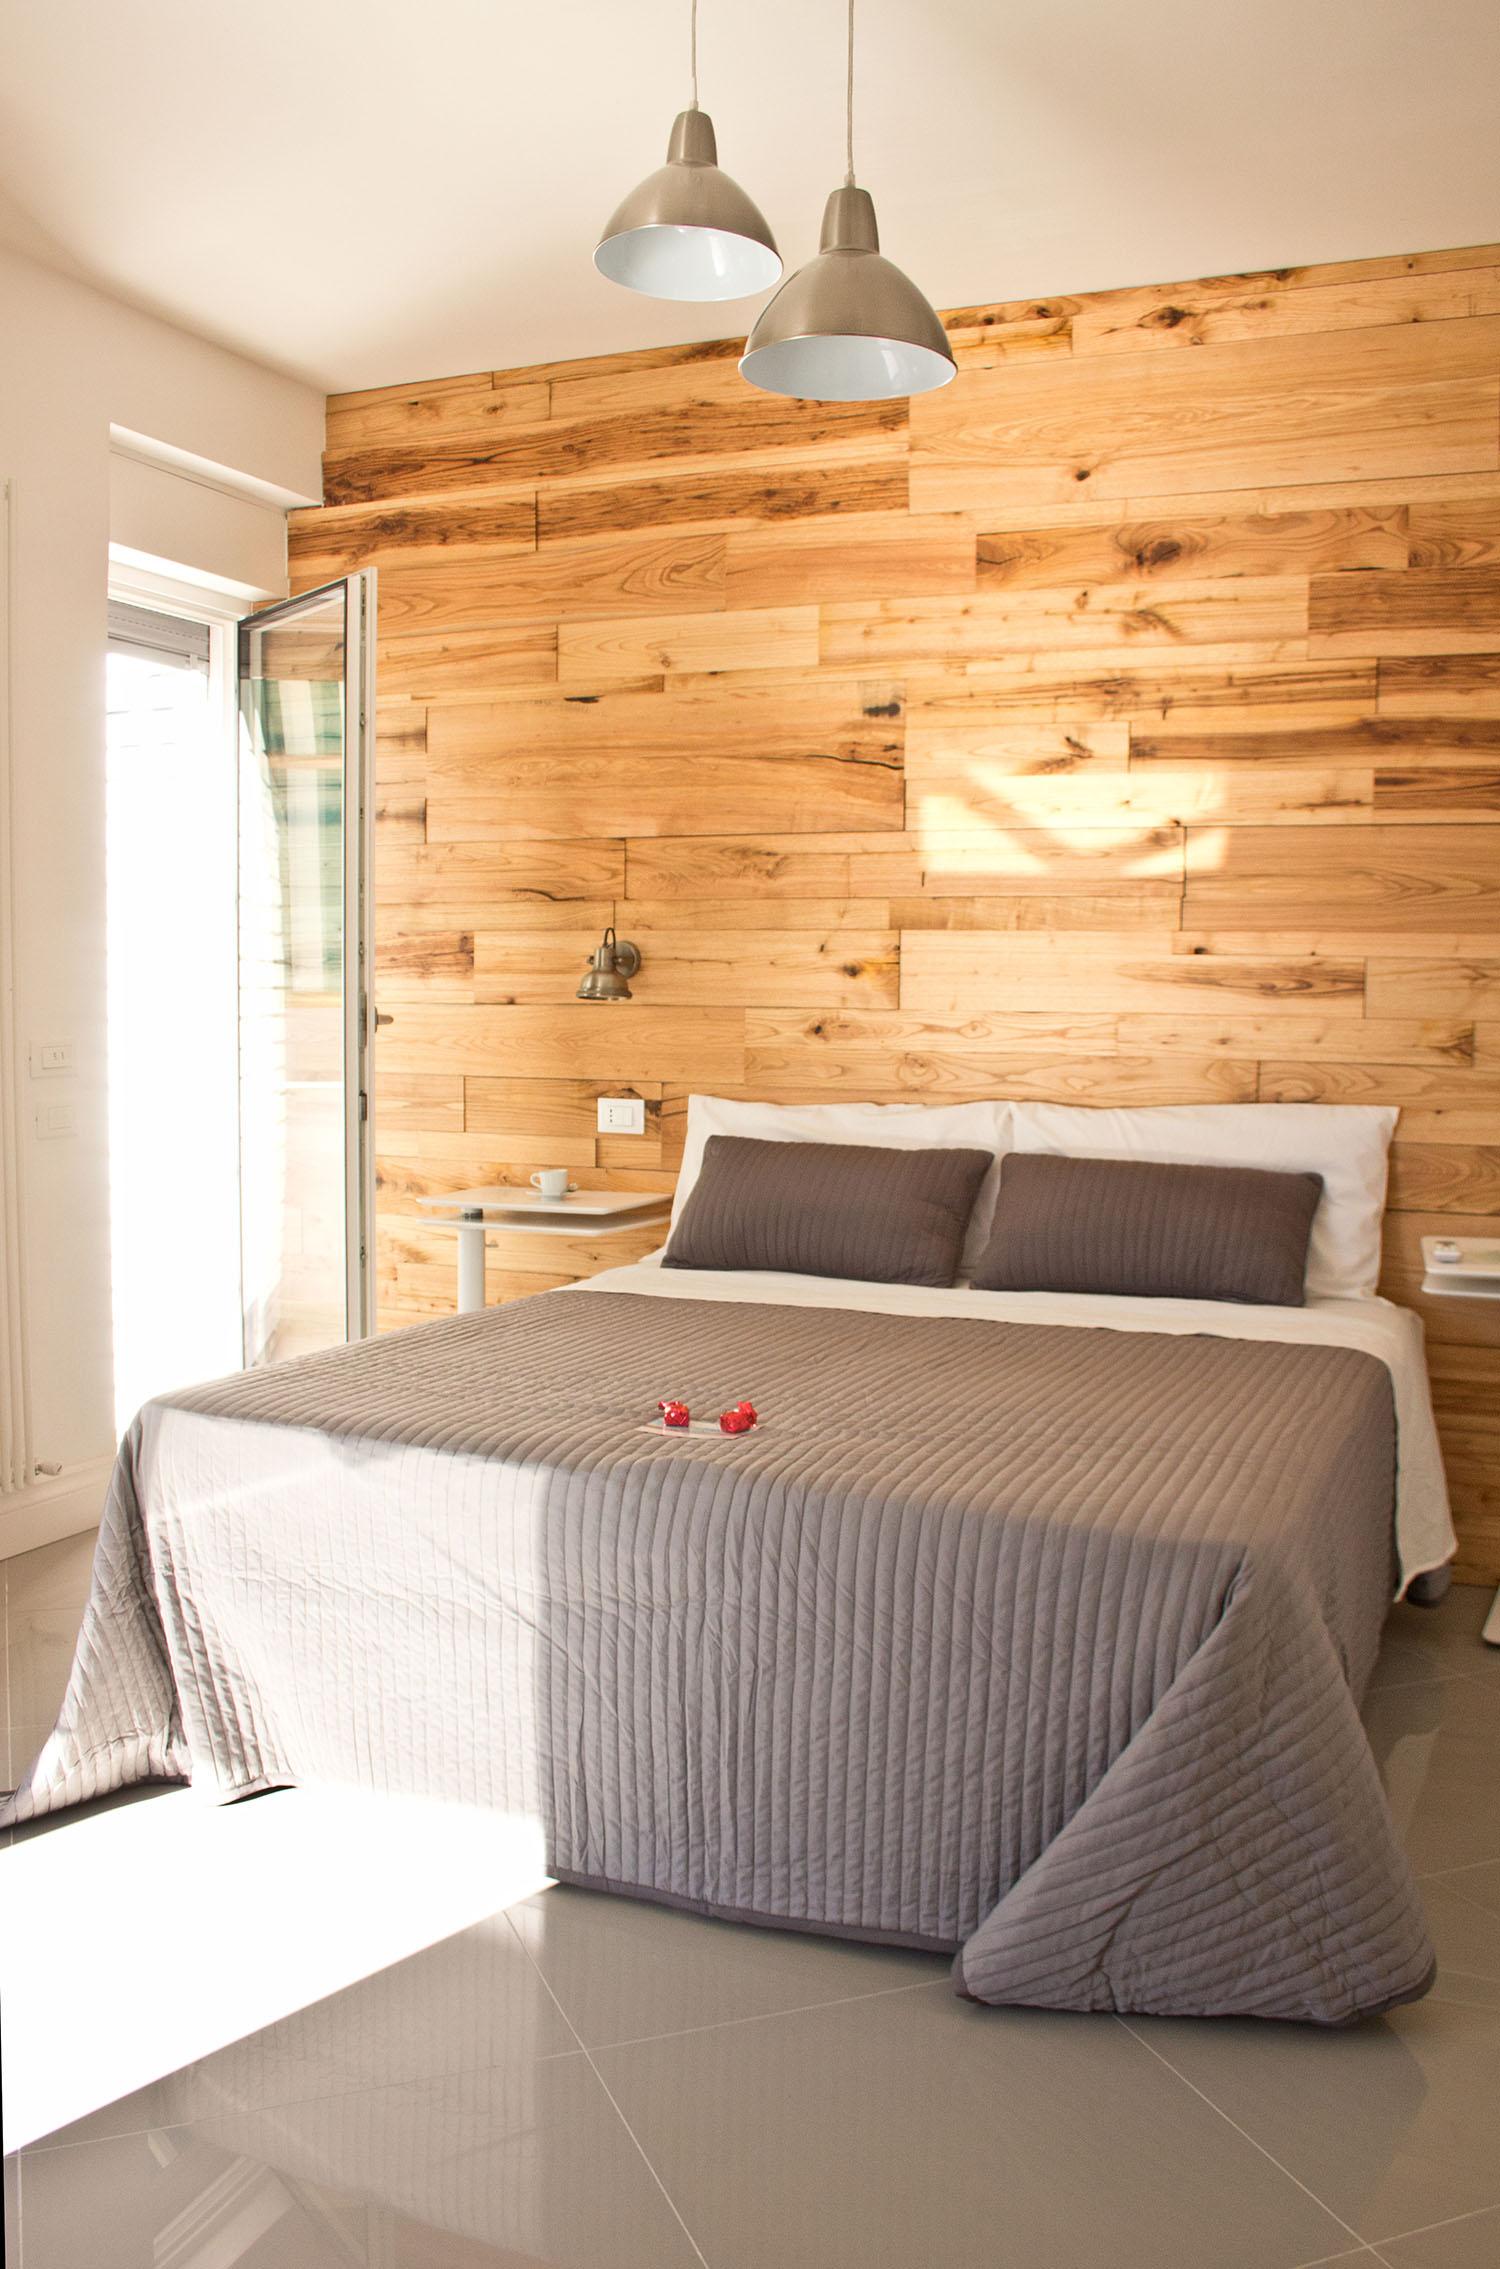 camera da letto roma falegnameria su misura (1)